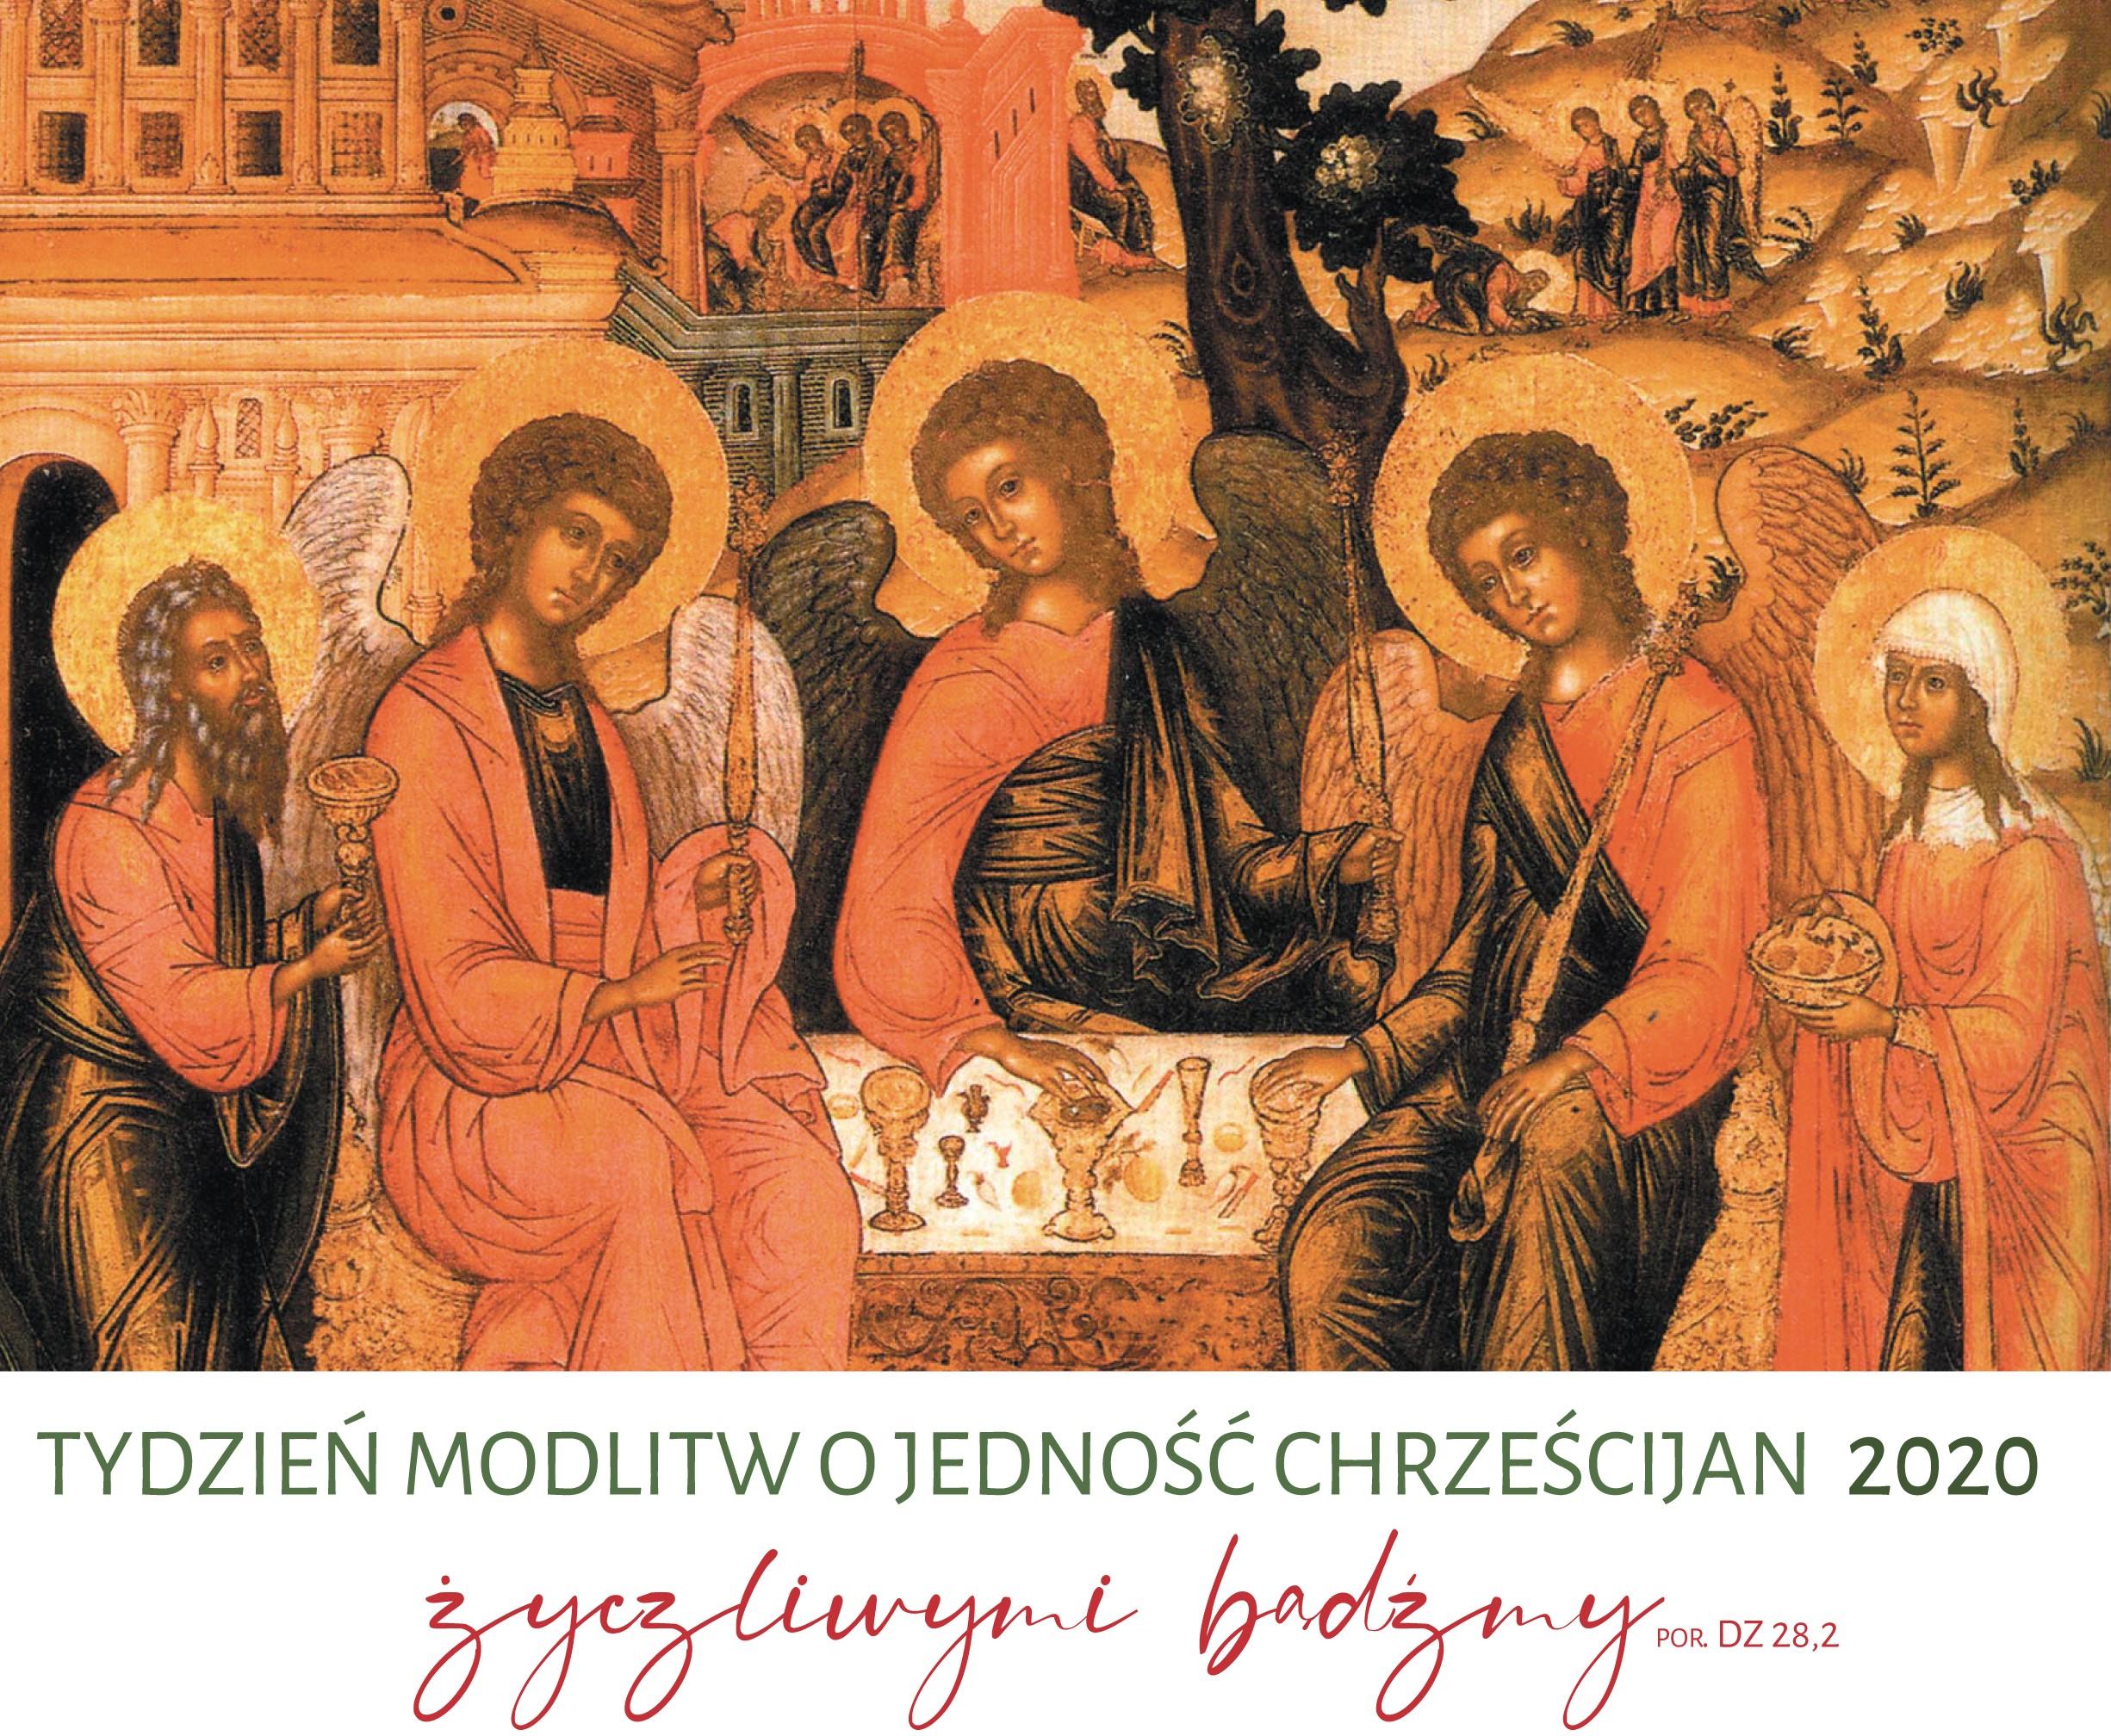 Znalezione obrazy dla zapytania tydzień modlitw o jedność chrześcijan